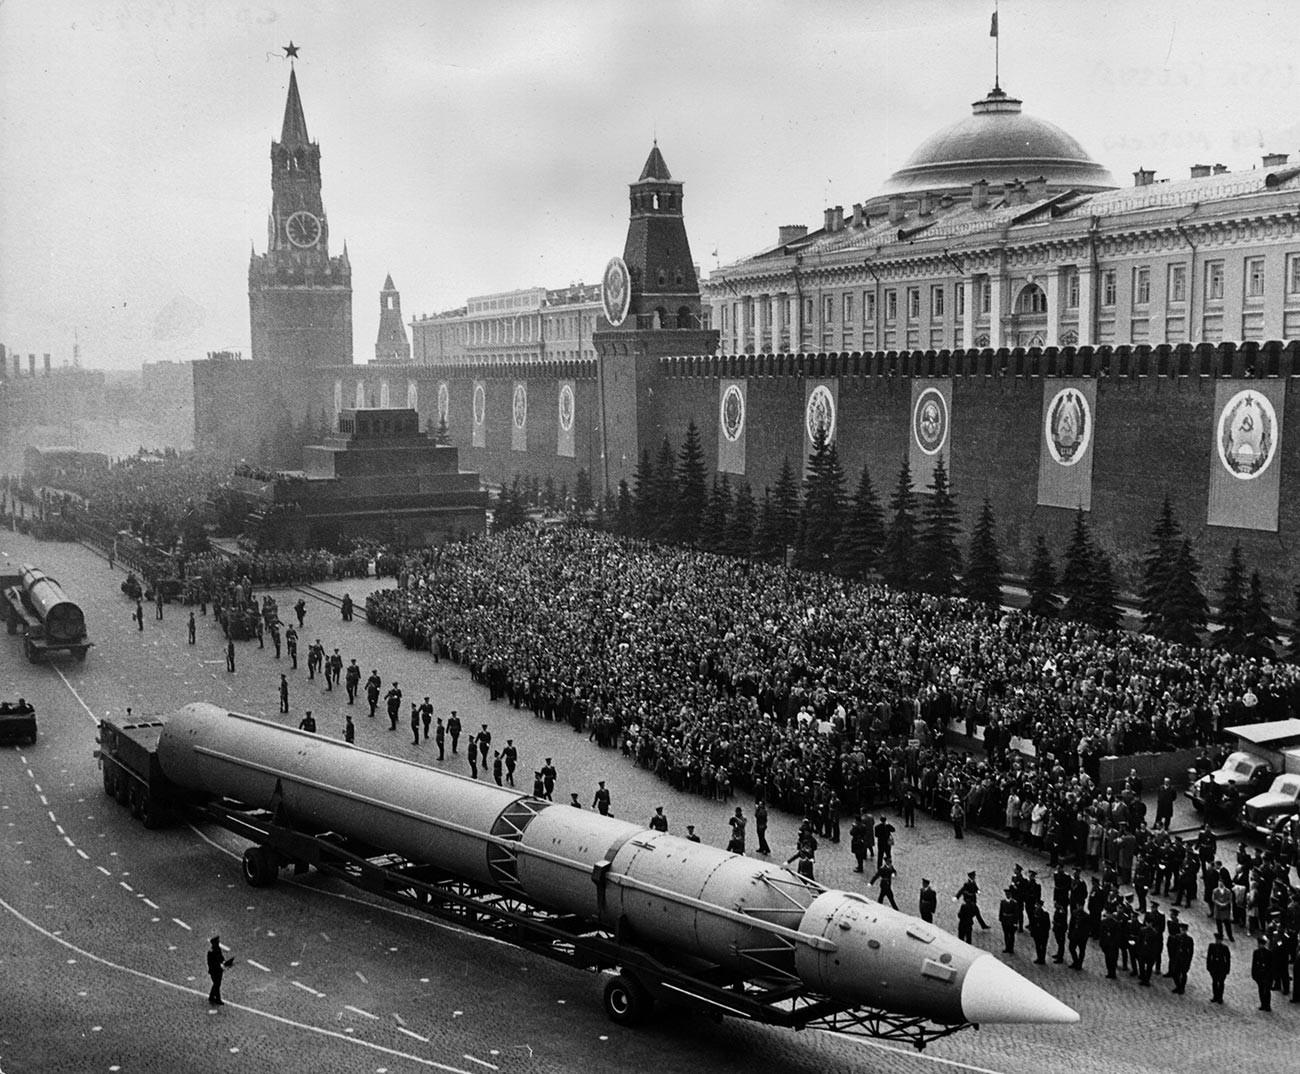 Míssil intercontinental russo cruzando a Praça Vermelha durante o desfile militar em Moscou que marcava o 20º aniversário do fim da guerra na Europa